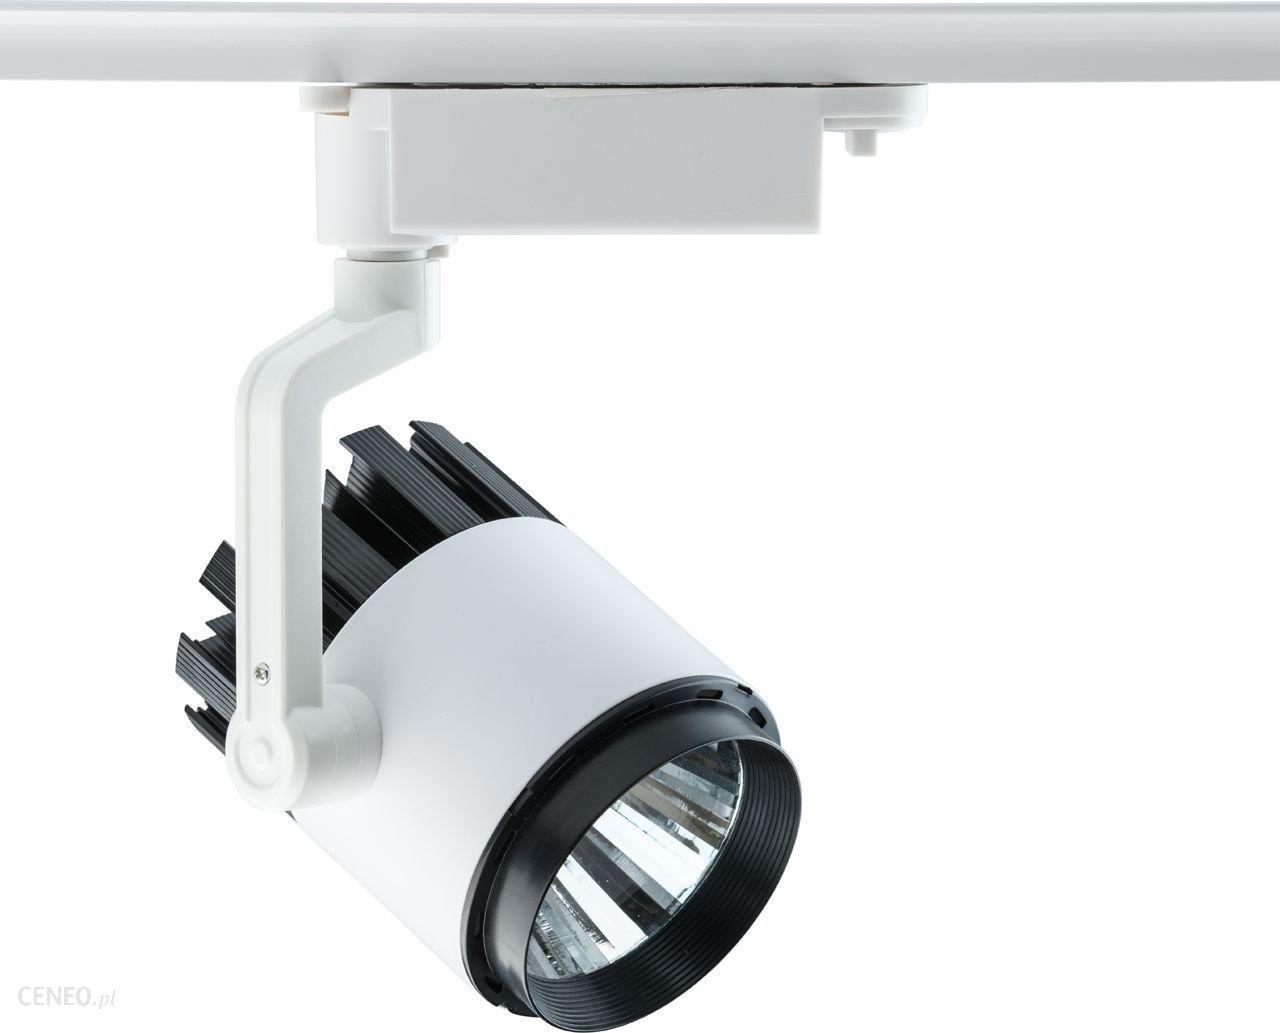 Demarkt Trade Mark Oświetlenie Sufitowe Punktowe Techno 550011001 Opinie I Atrakcyjne Ceny Na Ceneopl